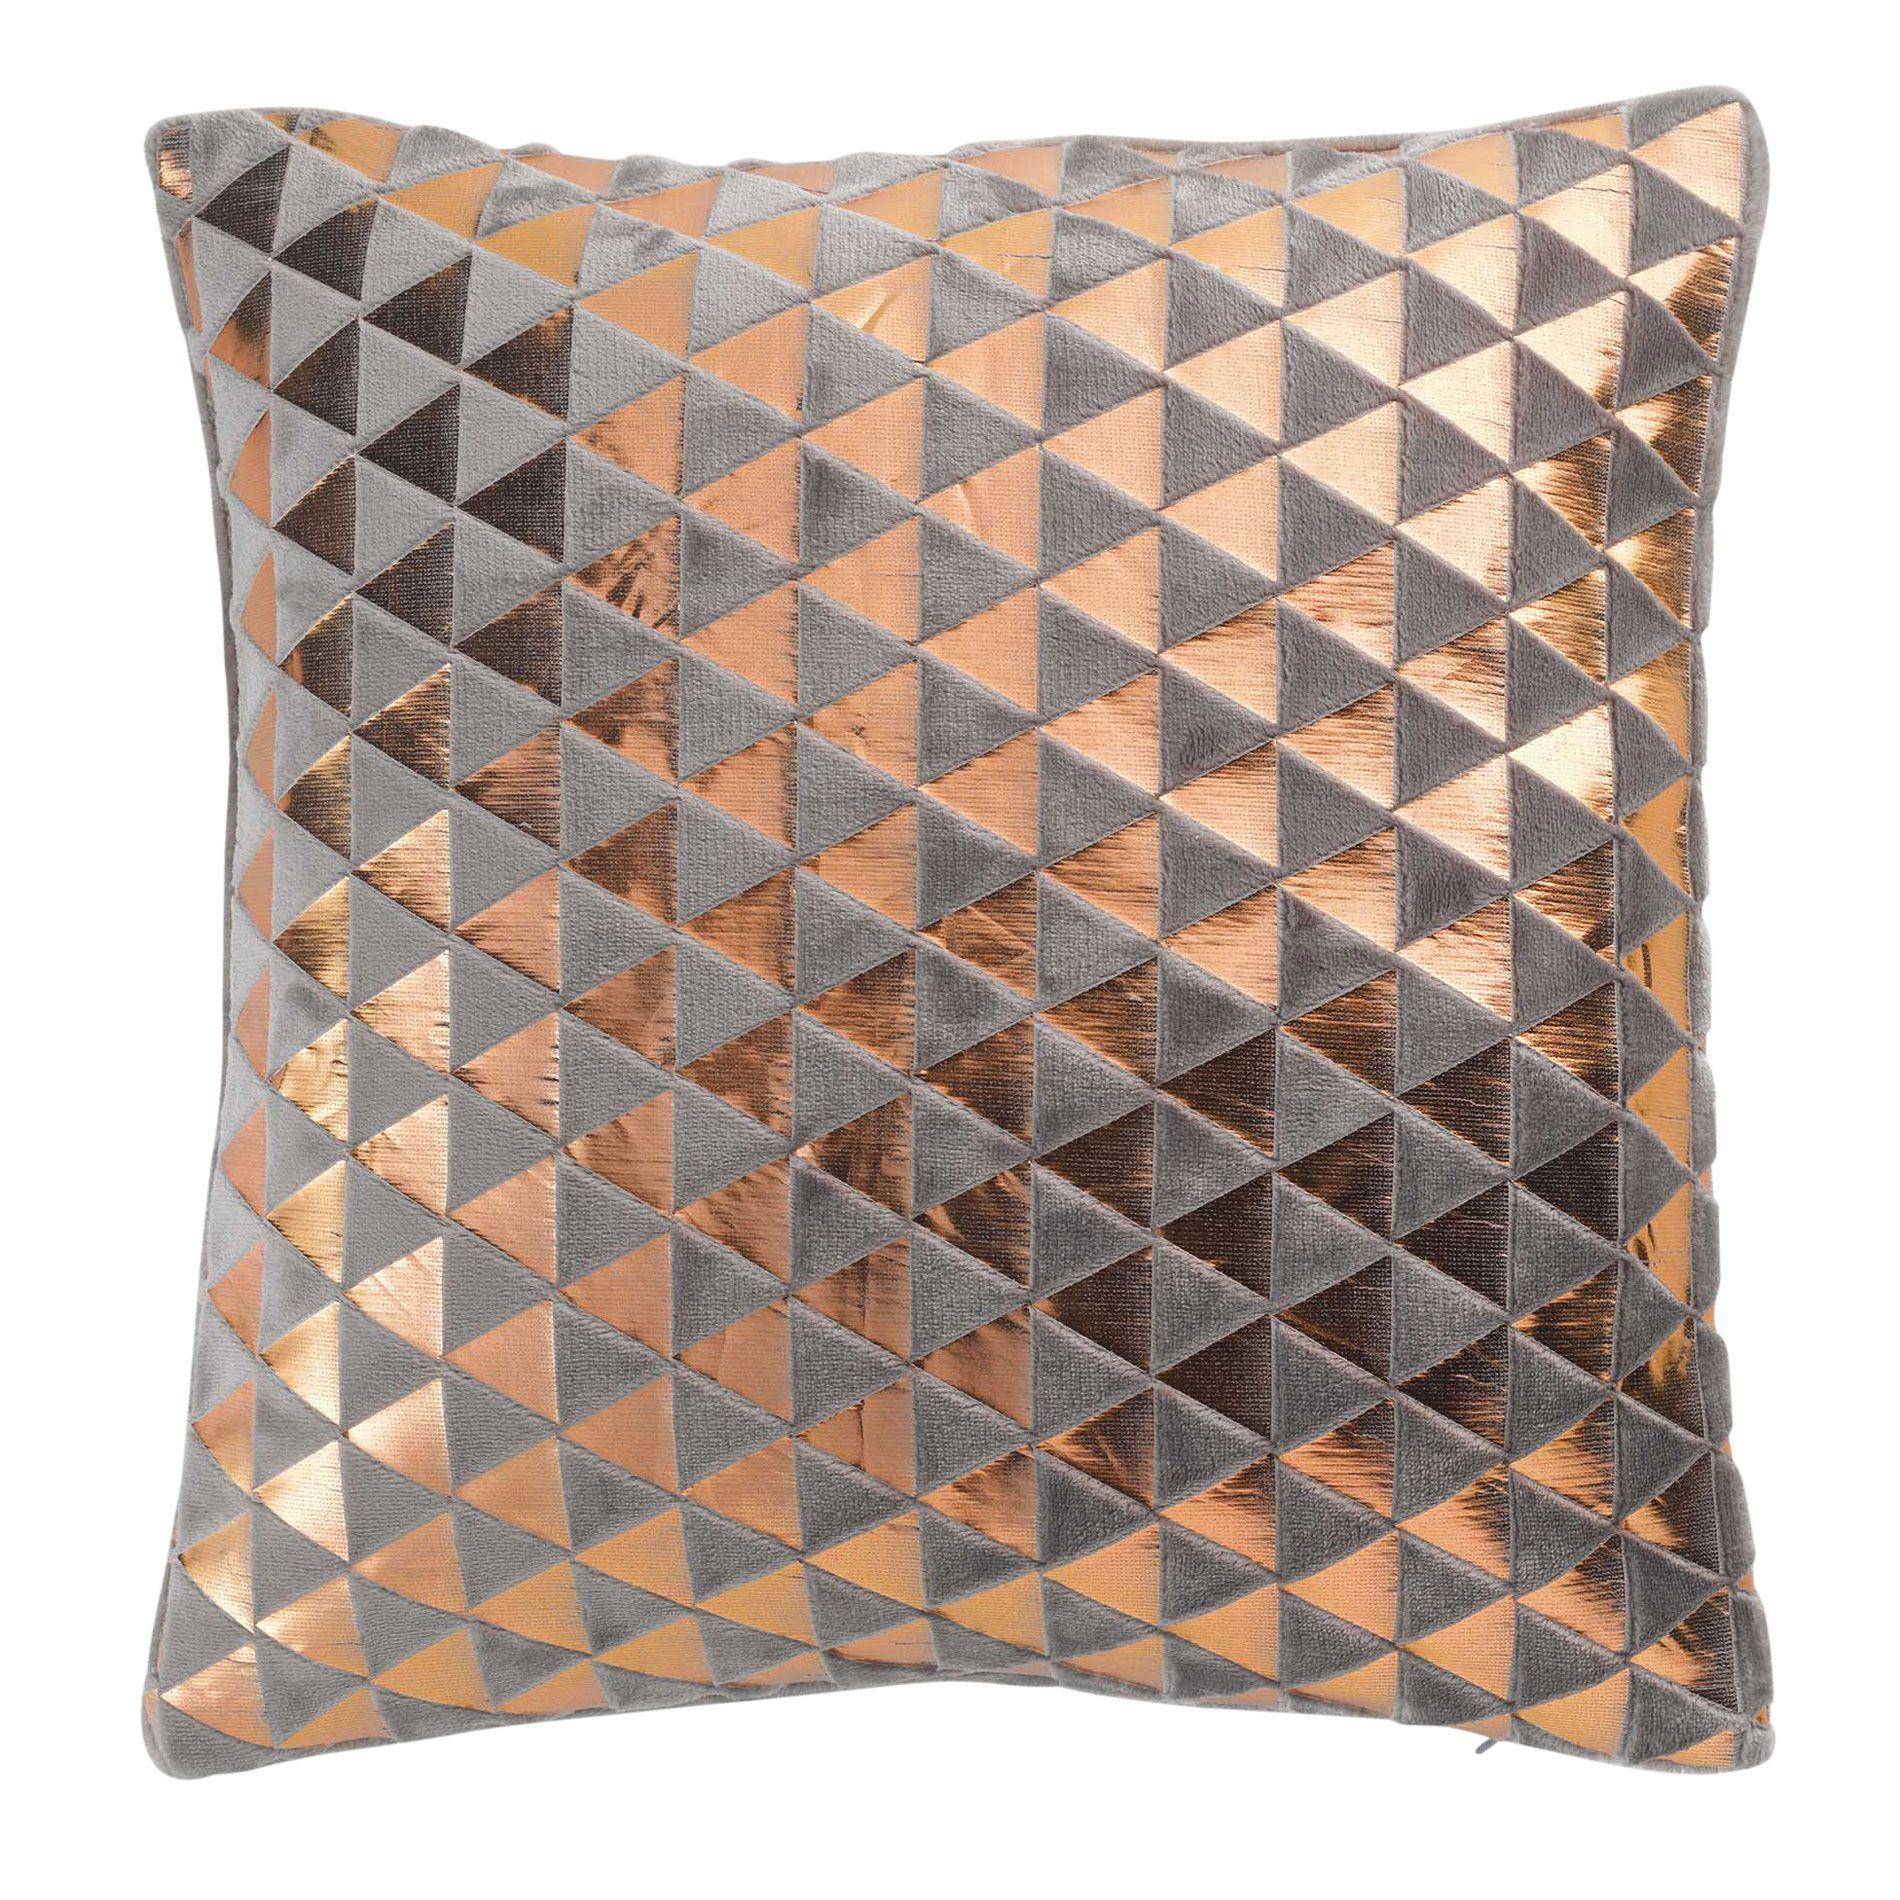 housse de coussin 40 cm flanelle sandro gris antharcite cuivre coussin et galette eminza. Black Bedroom Furniture Sets. Home Design Ideas